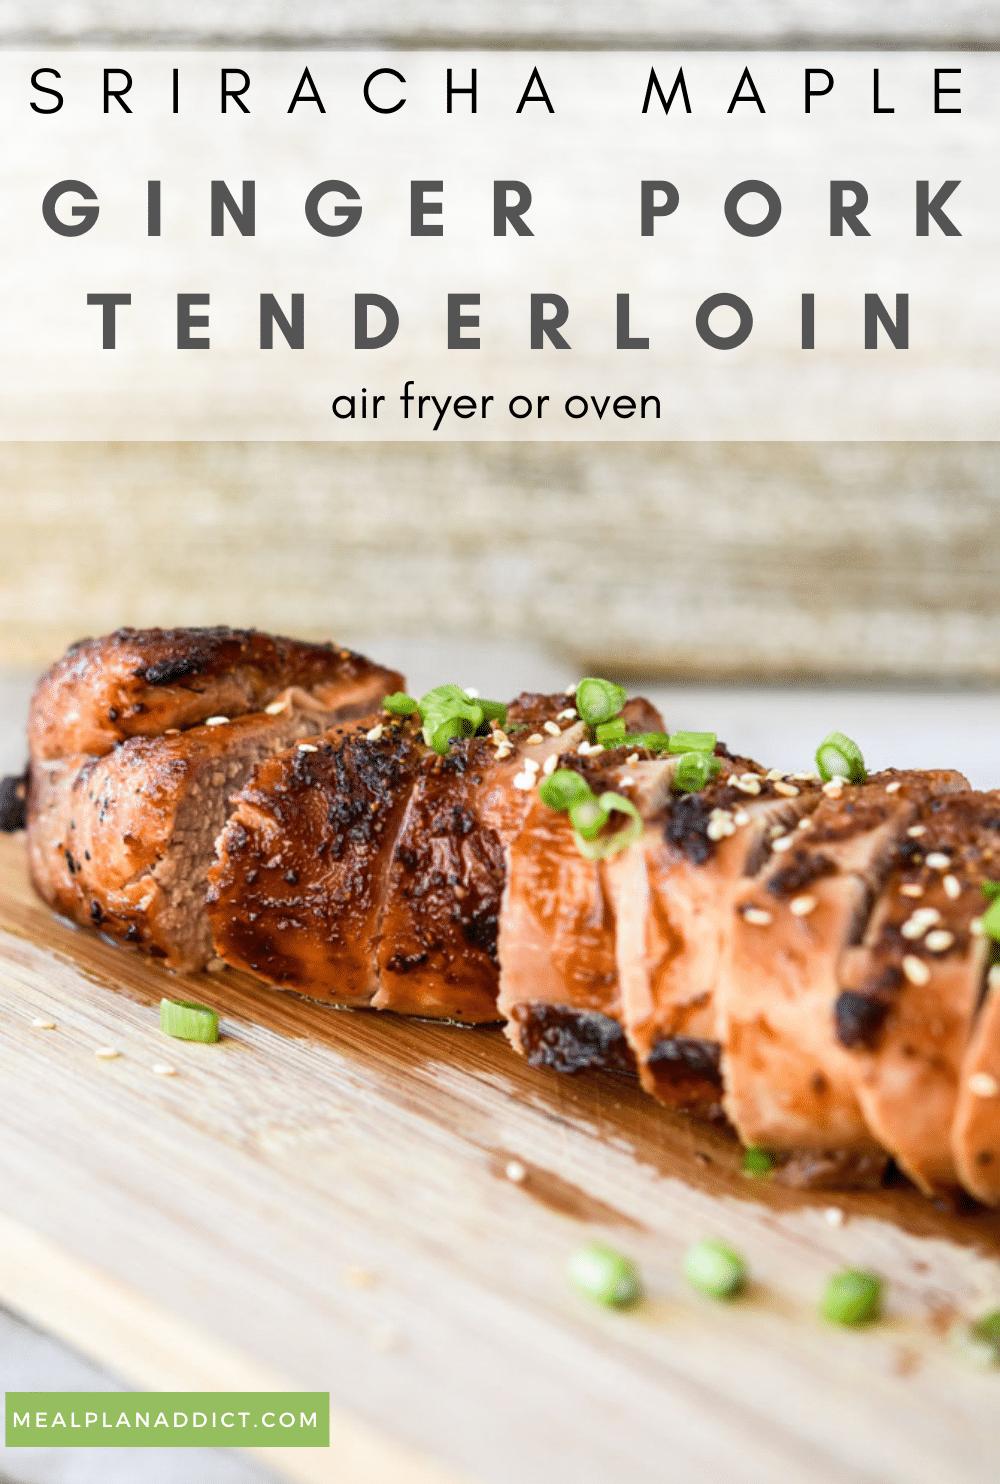 Pork Tenderloin pin for Pinterest